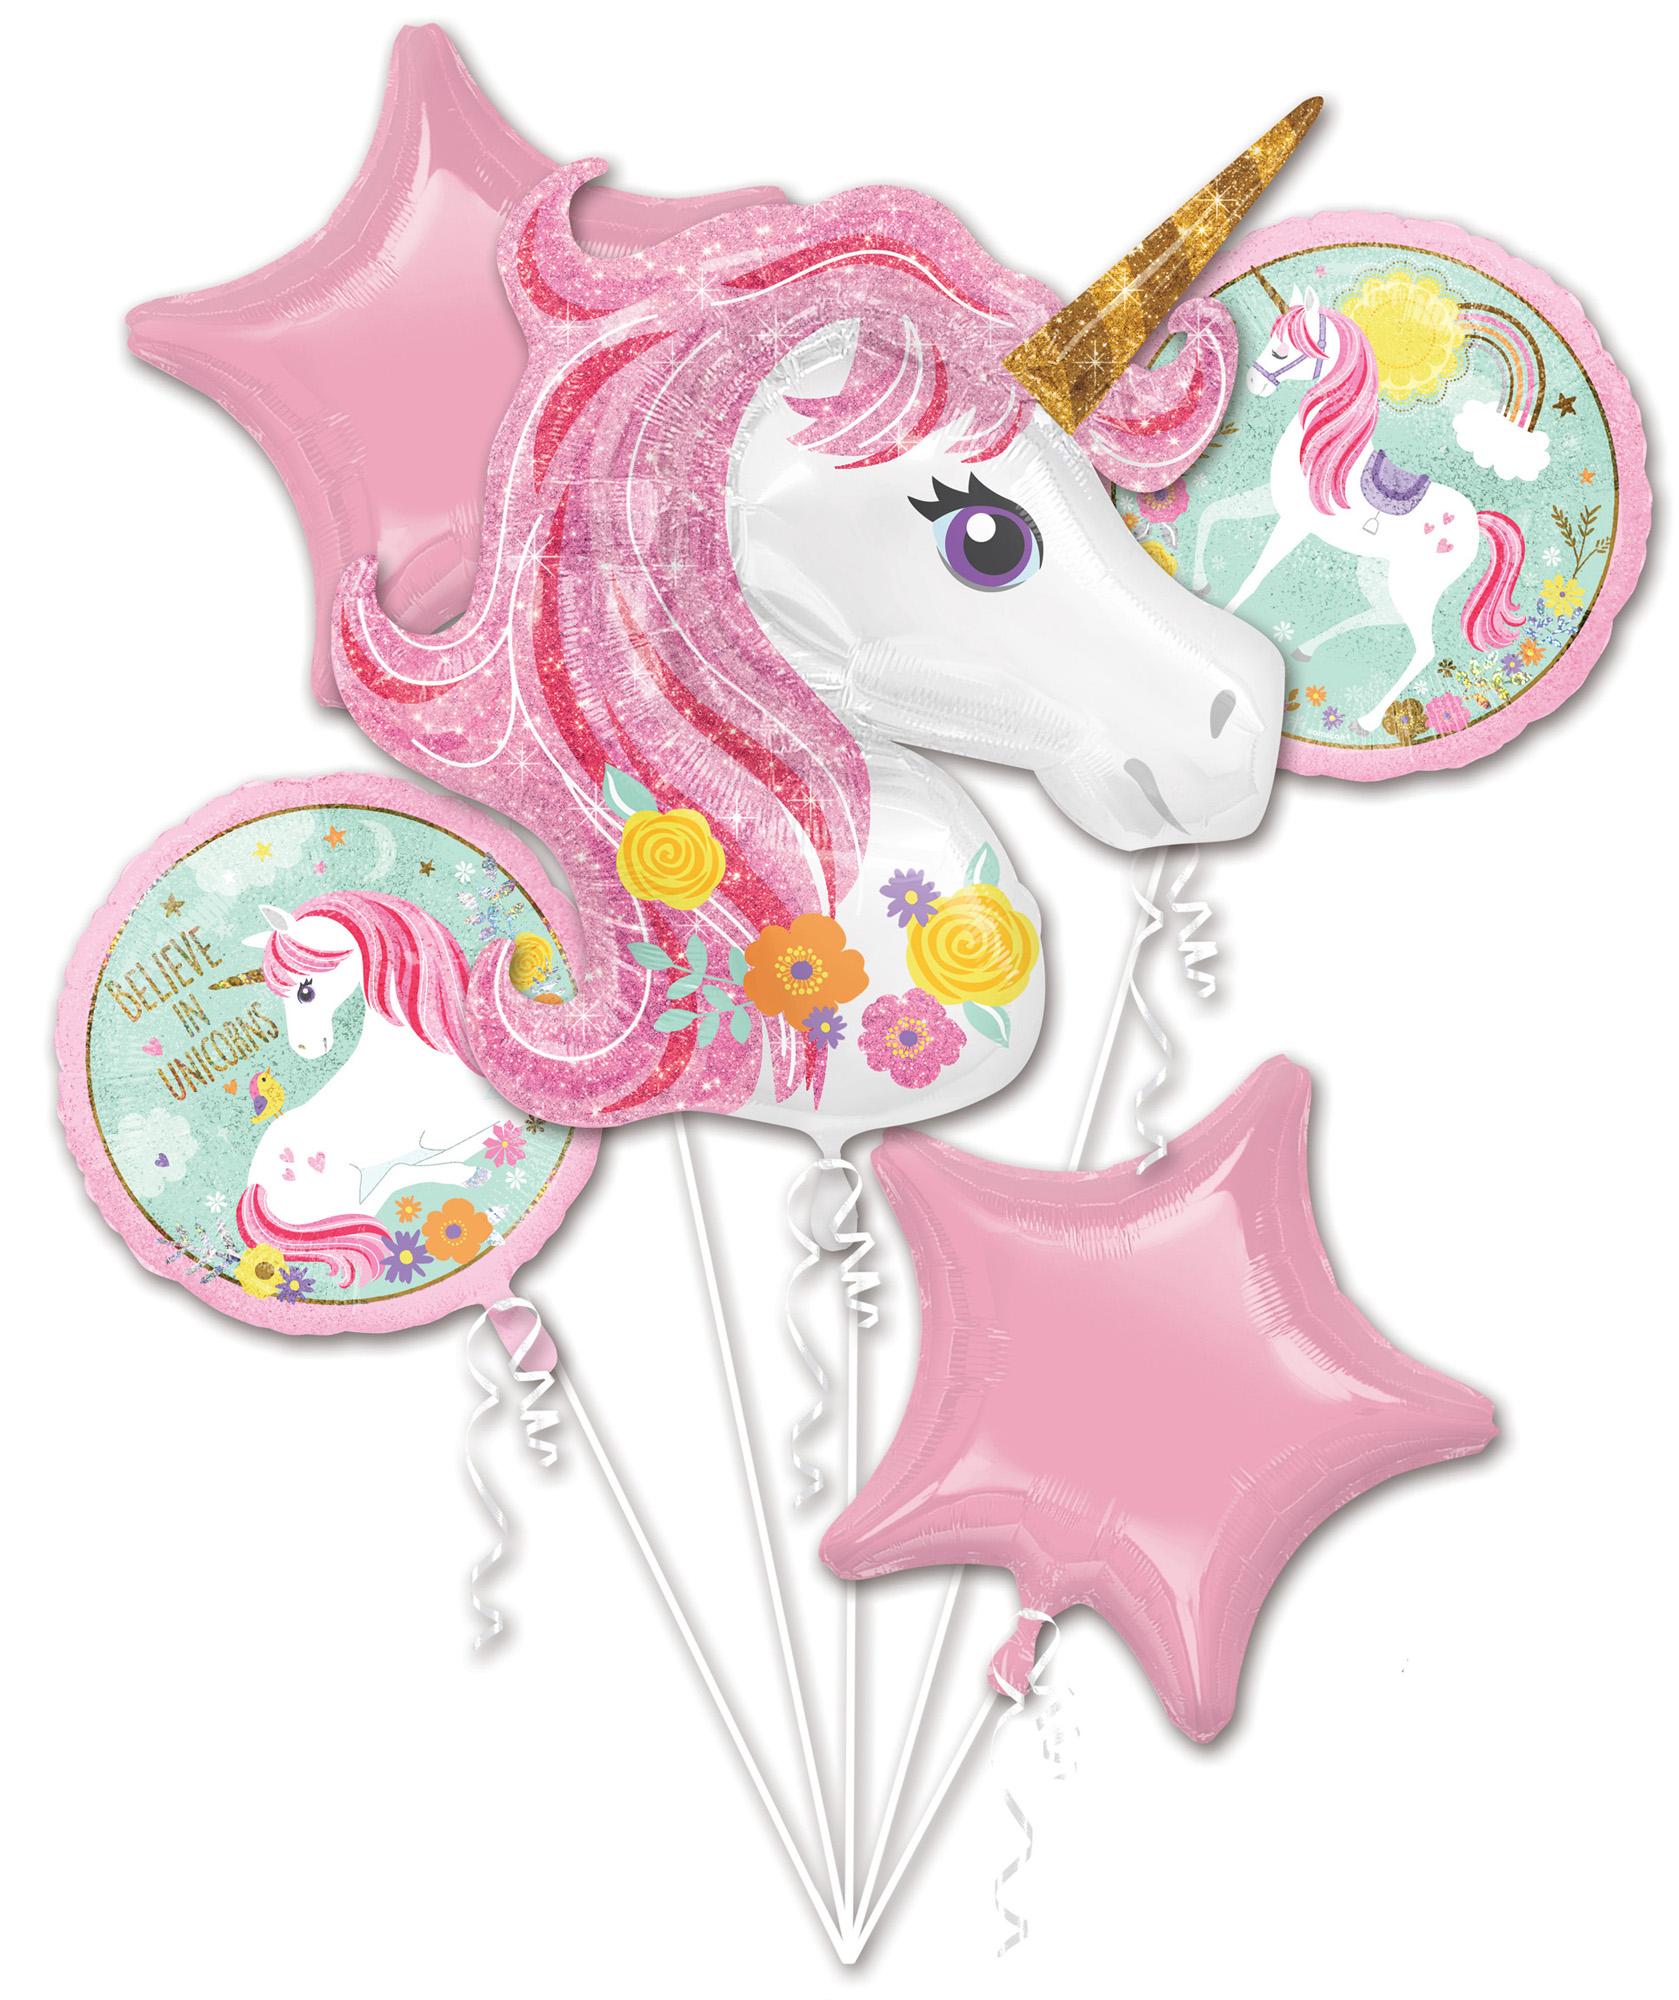 Folien-Bouquet Magical Unicorn - 60282